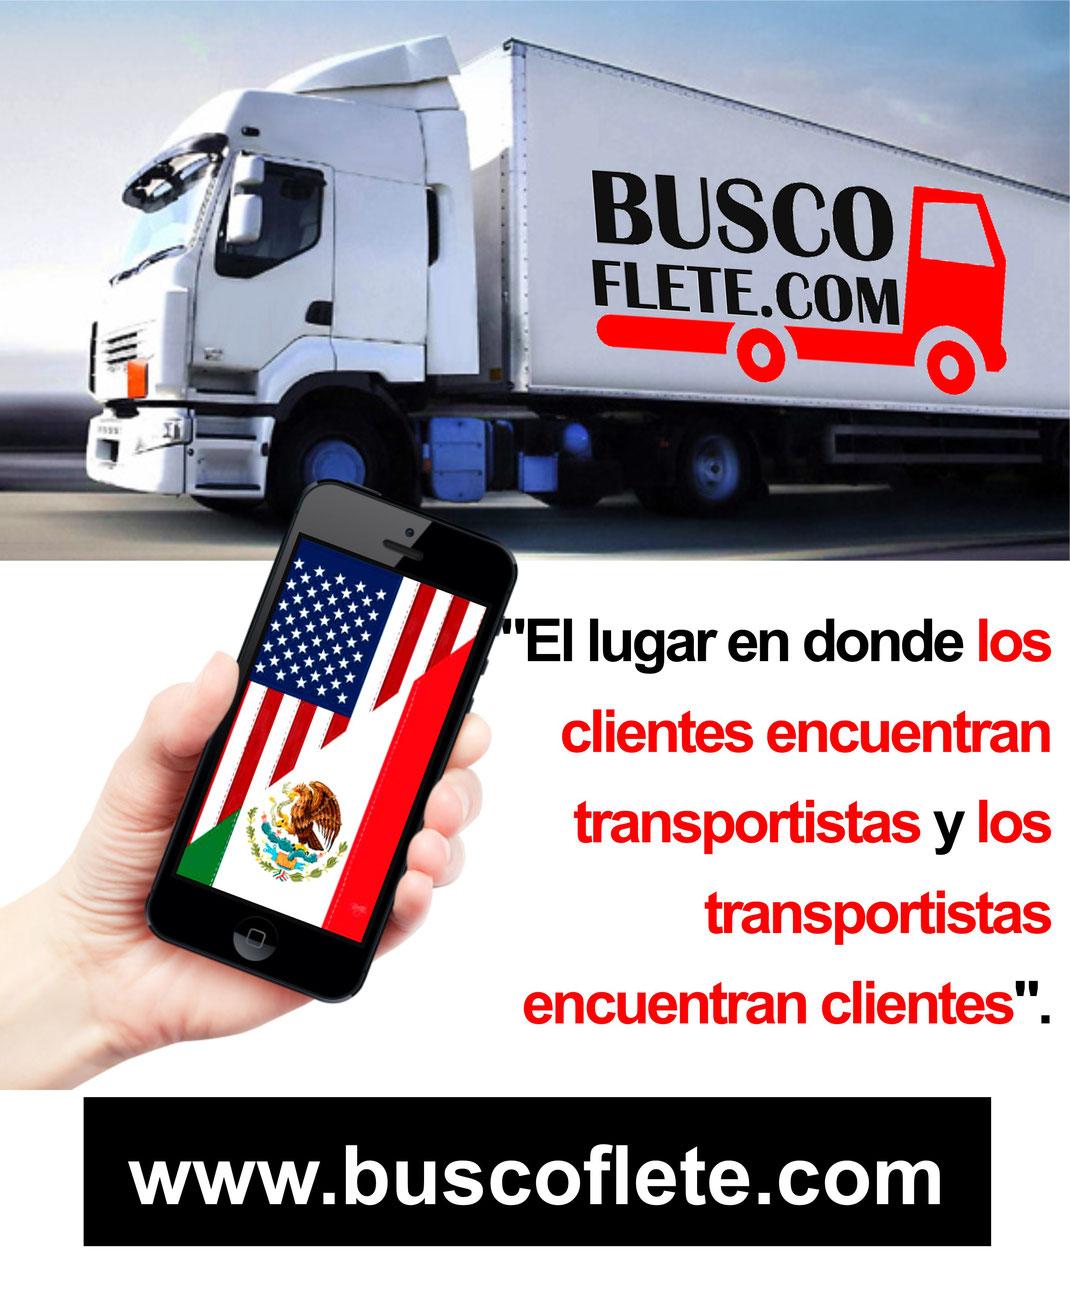 Busco Flete Precio Cotizacion Urgente en Mexico Encuentra Flete